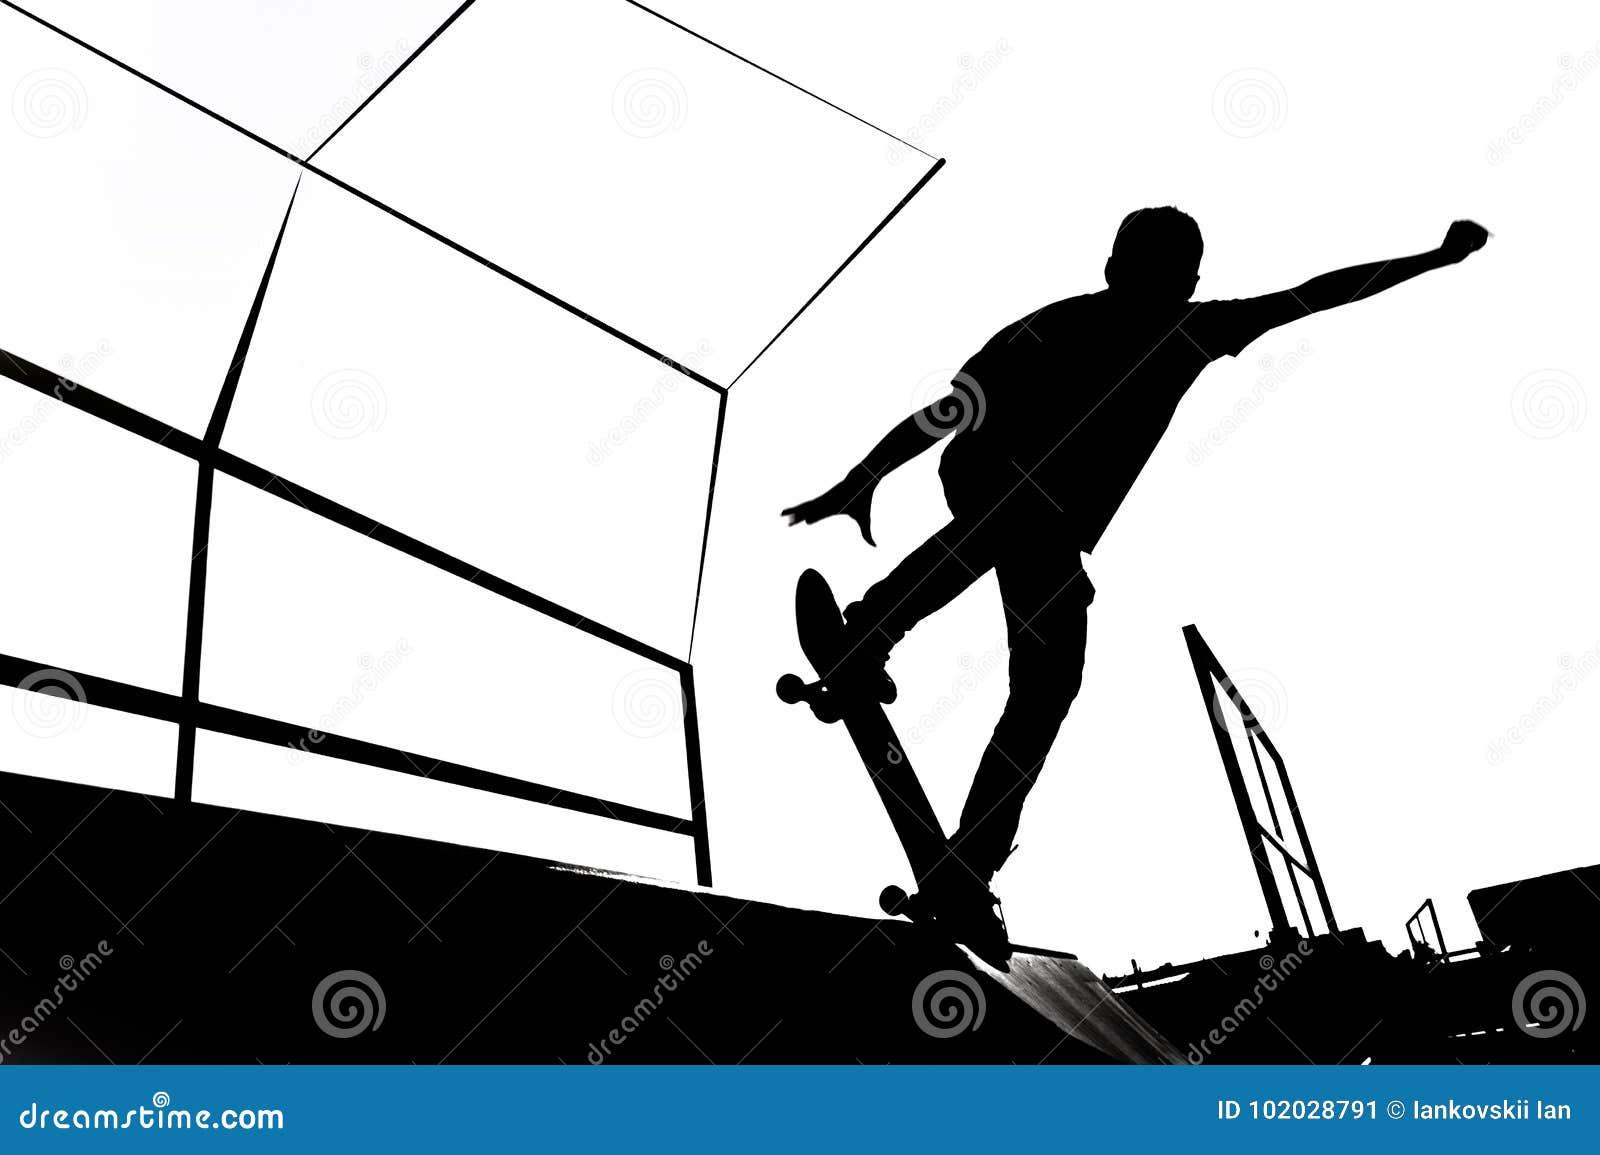 Illustrazione in bianco e nero della siluetta del pattinatore sulla rampa